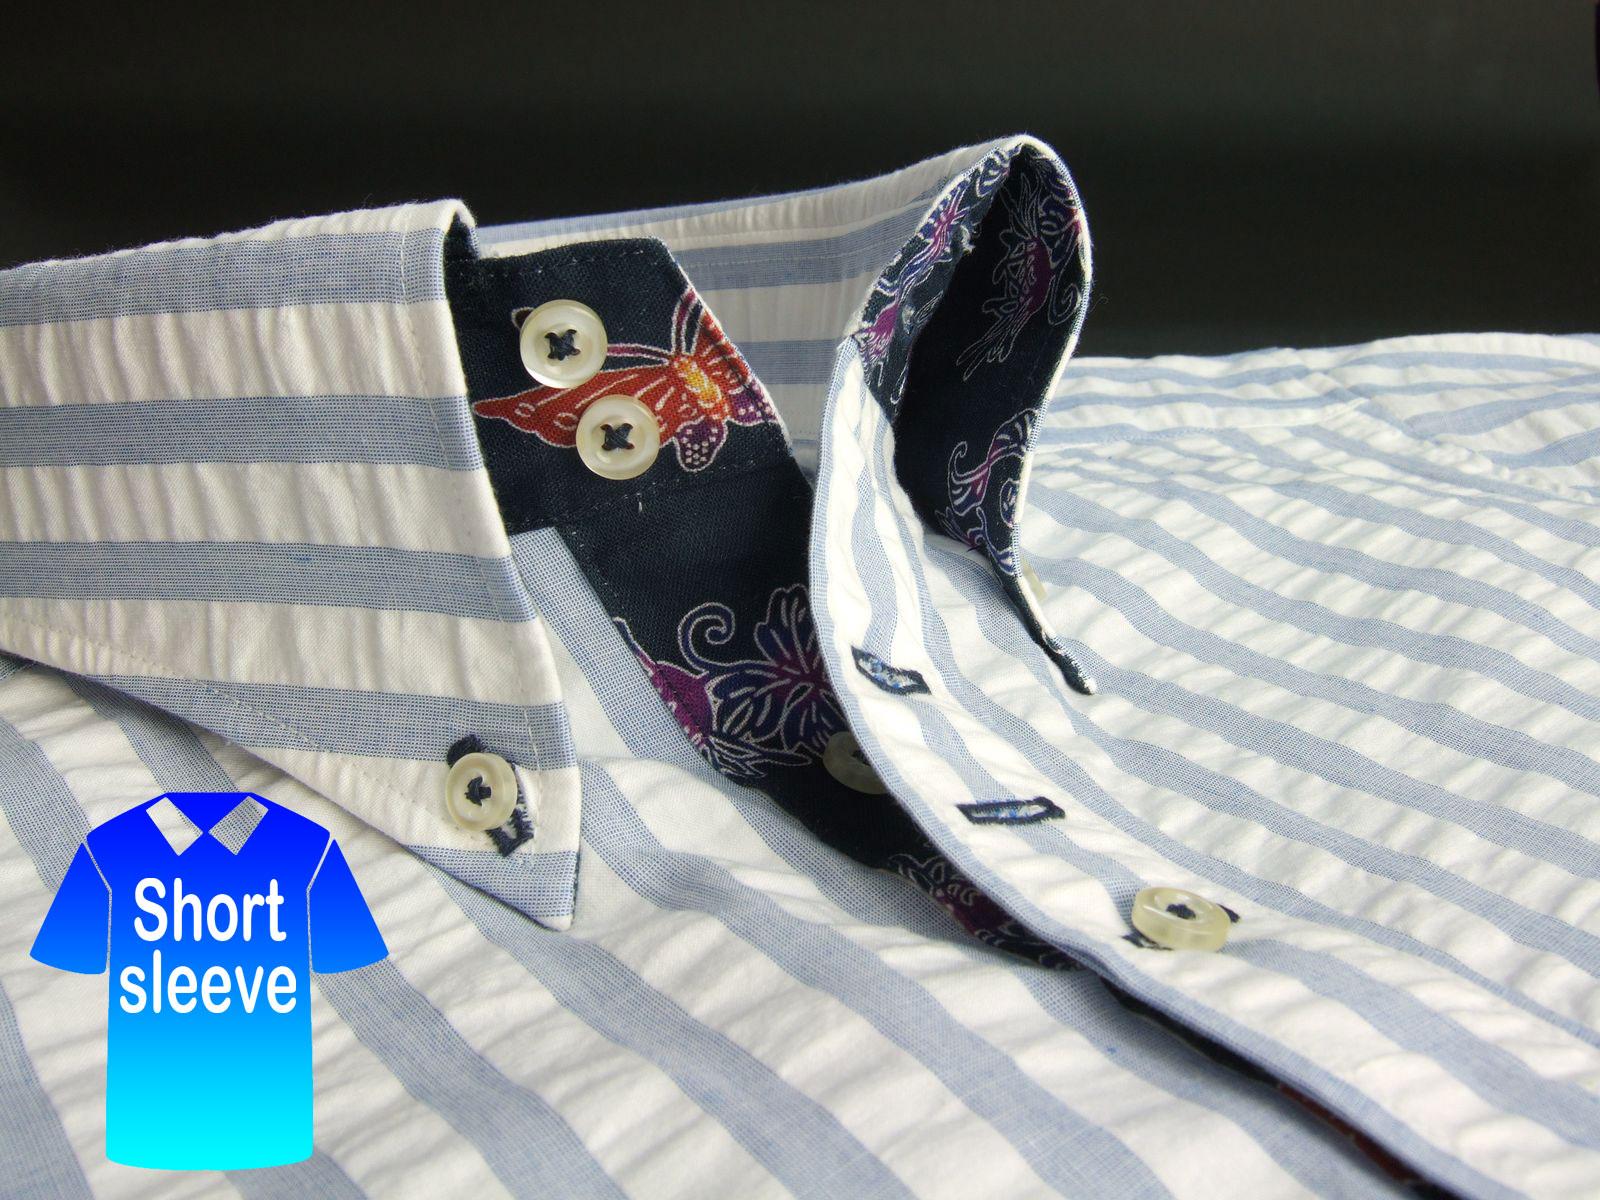 かりゆしウェア結婚式に アロハシャツ 沖縄 メンズ ボタンダウン 半袖 クールビズ Yシャツ ワイシャツ  【rcp】 おしゃれ 限定 紅型 白×青 ホワイト ストライプ シアサッカー ( msst-wt01-4817 )